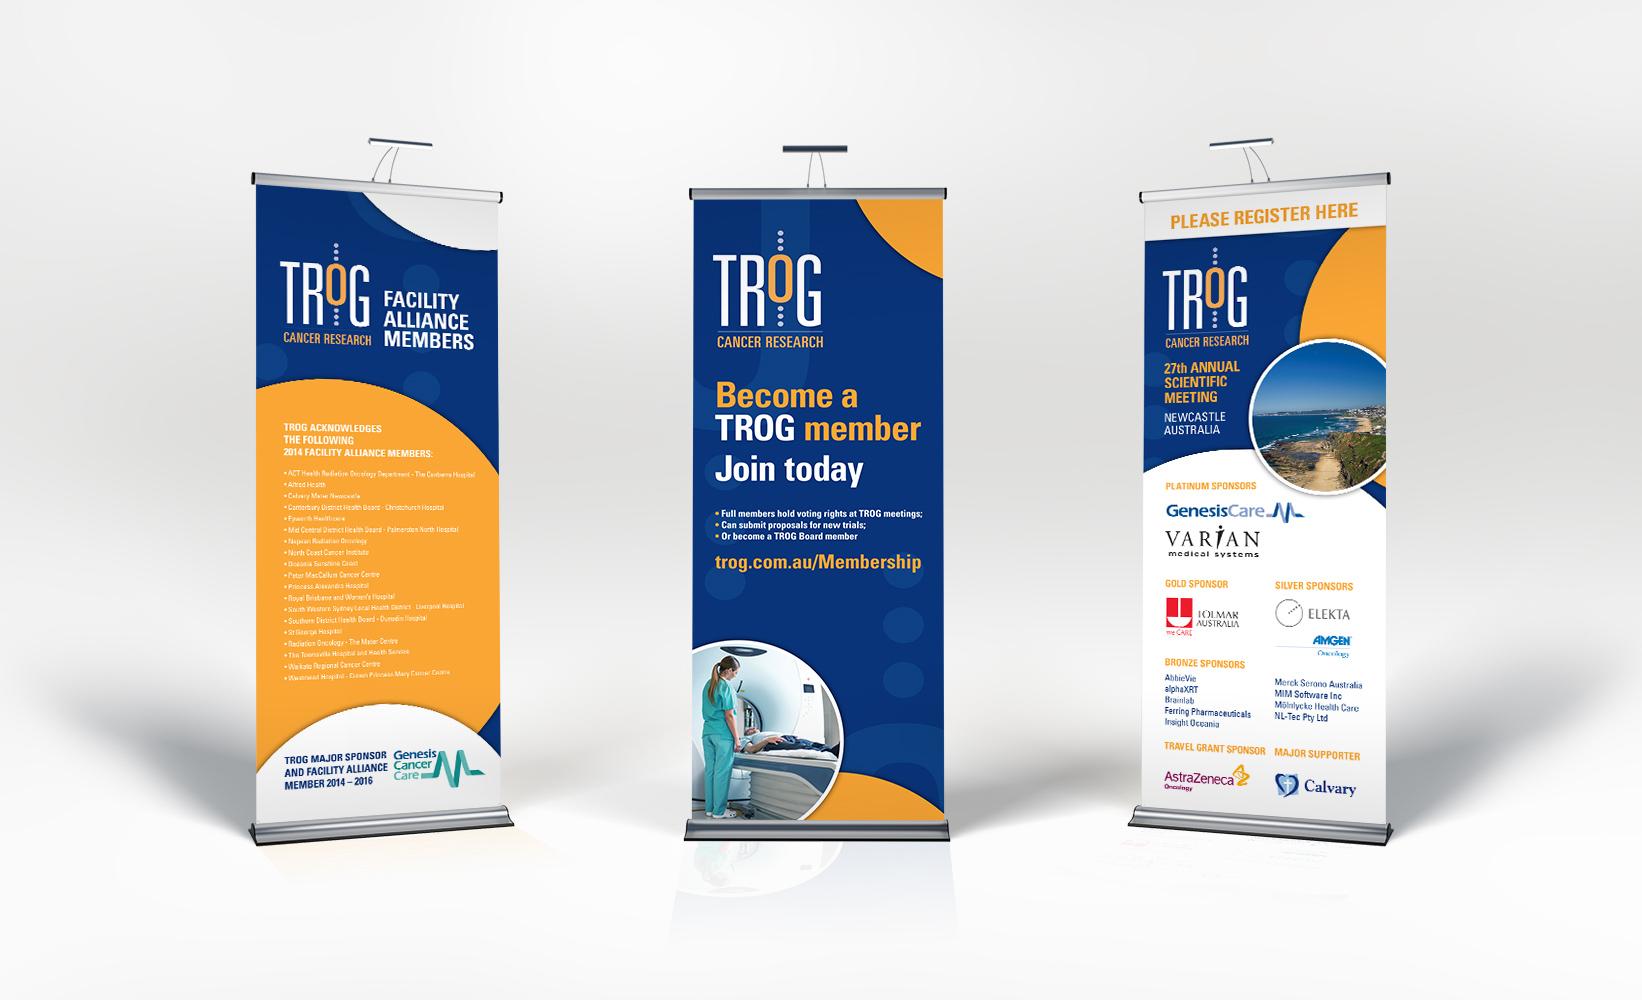 TROG Signage Conference